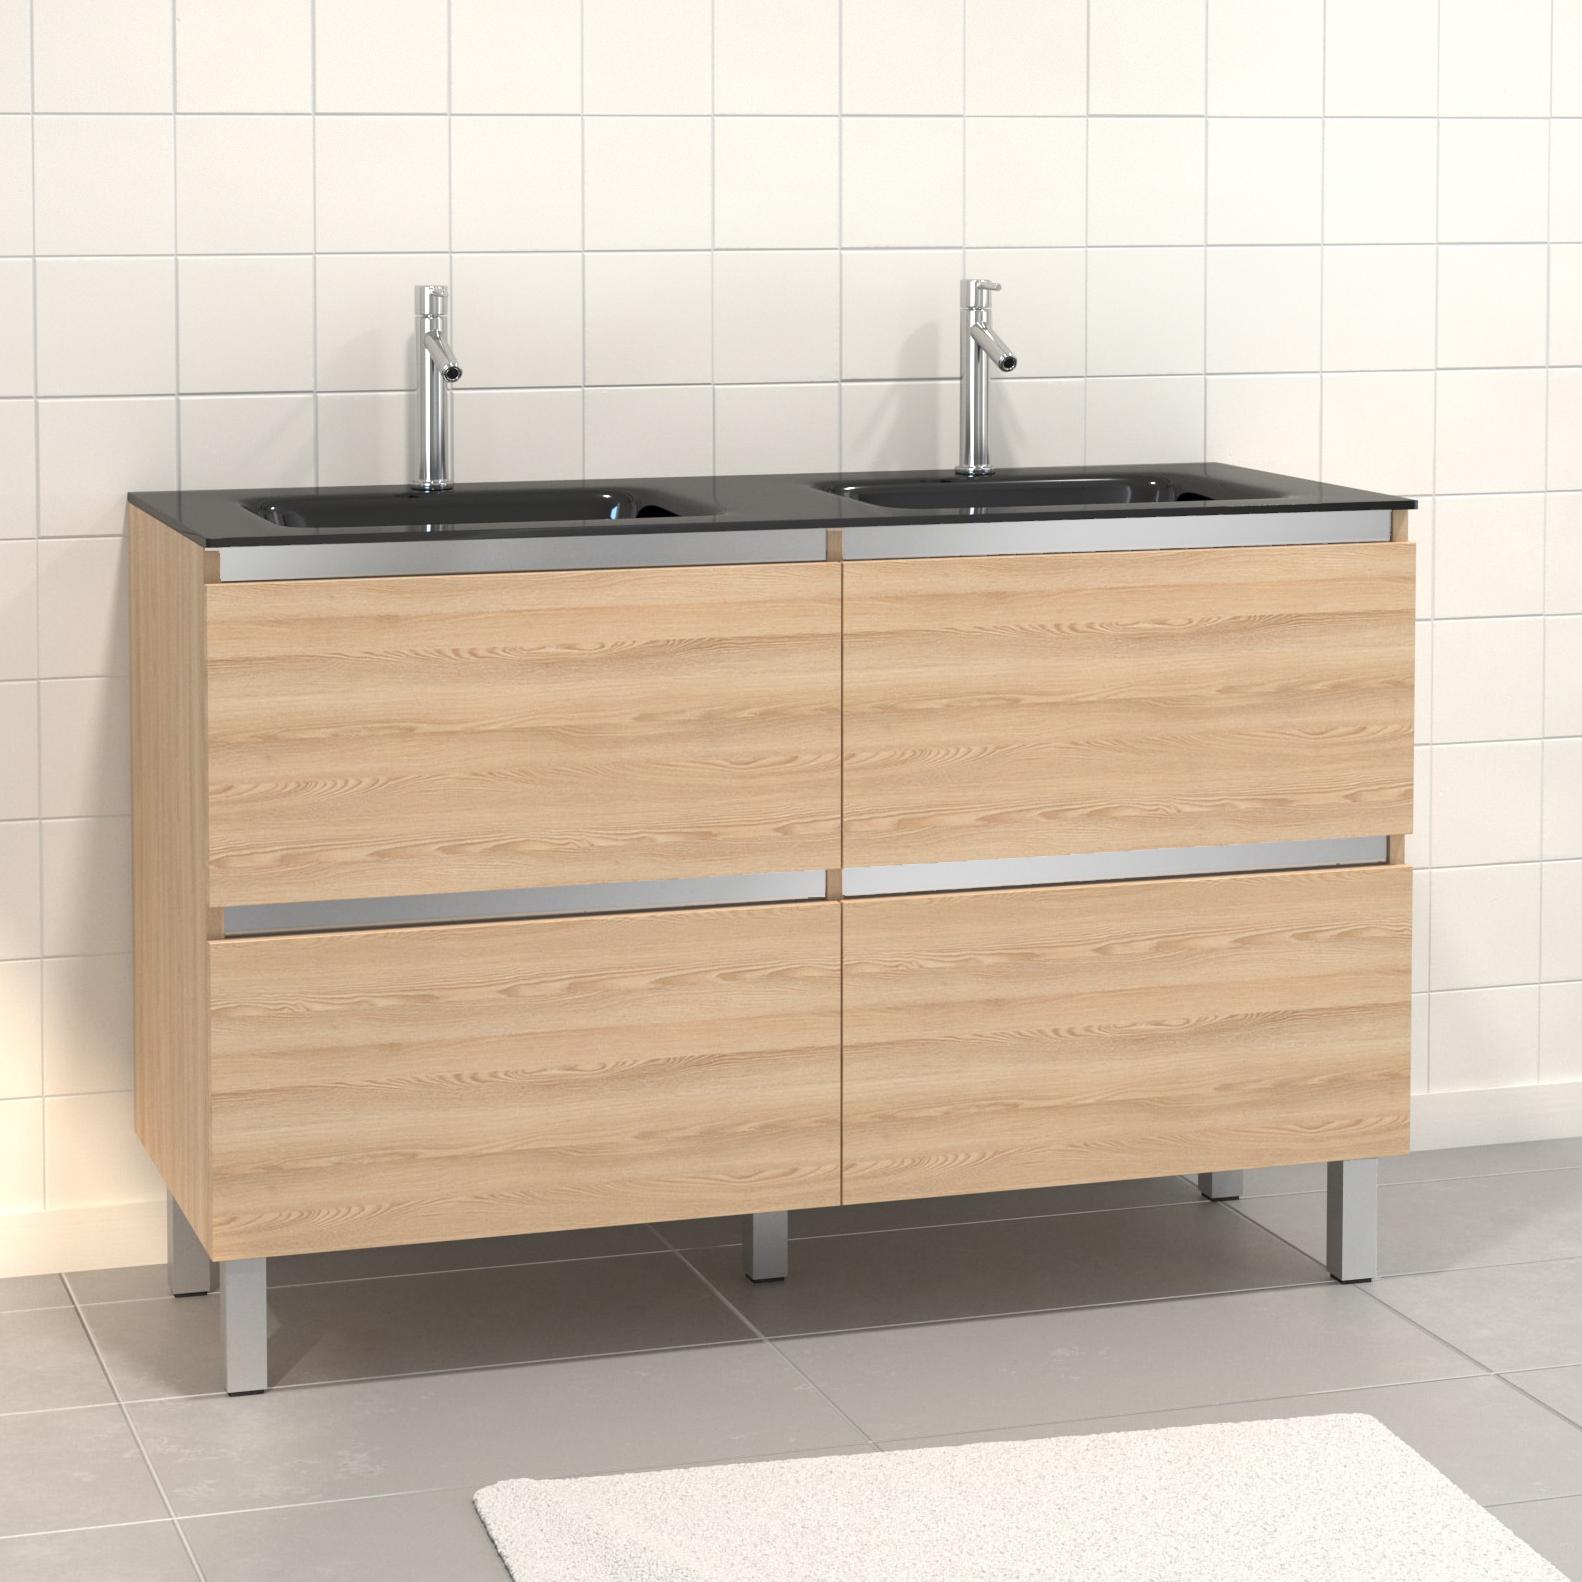 Pack Meuble de salle de bain 130x50 cm MDF Chêne blond - 2 Tiroirs + vasque verre noir